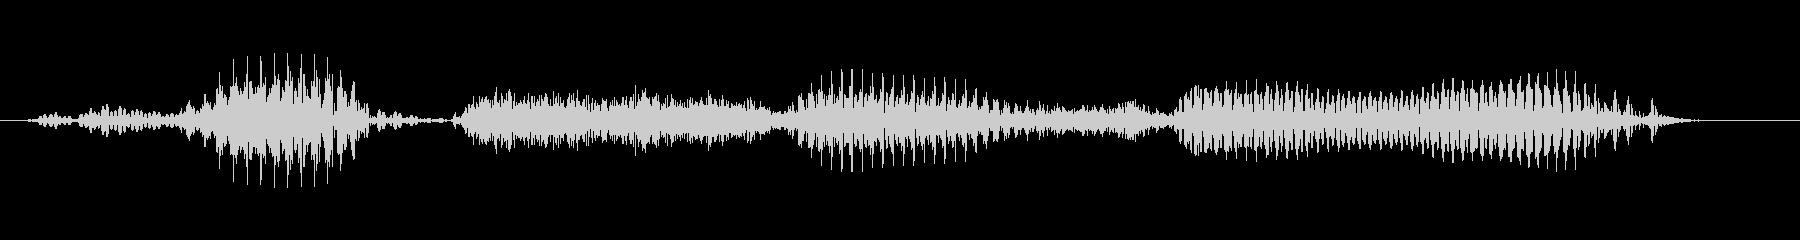 ごちそうさま…の未再生の波形